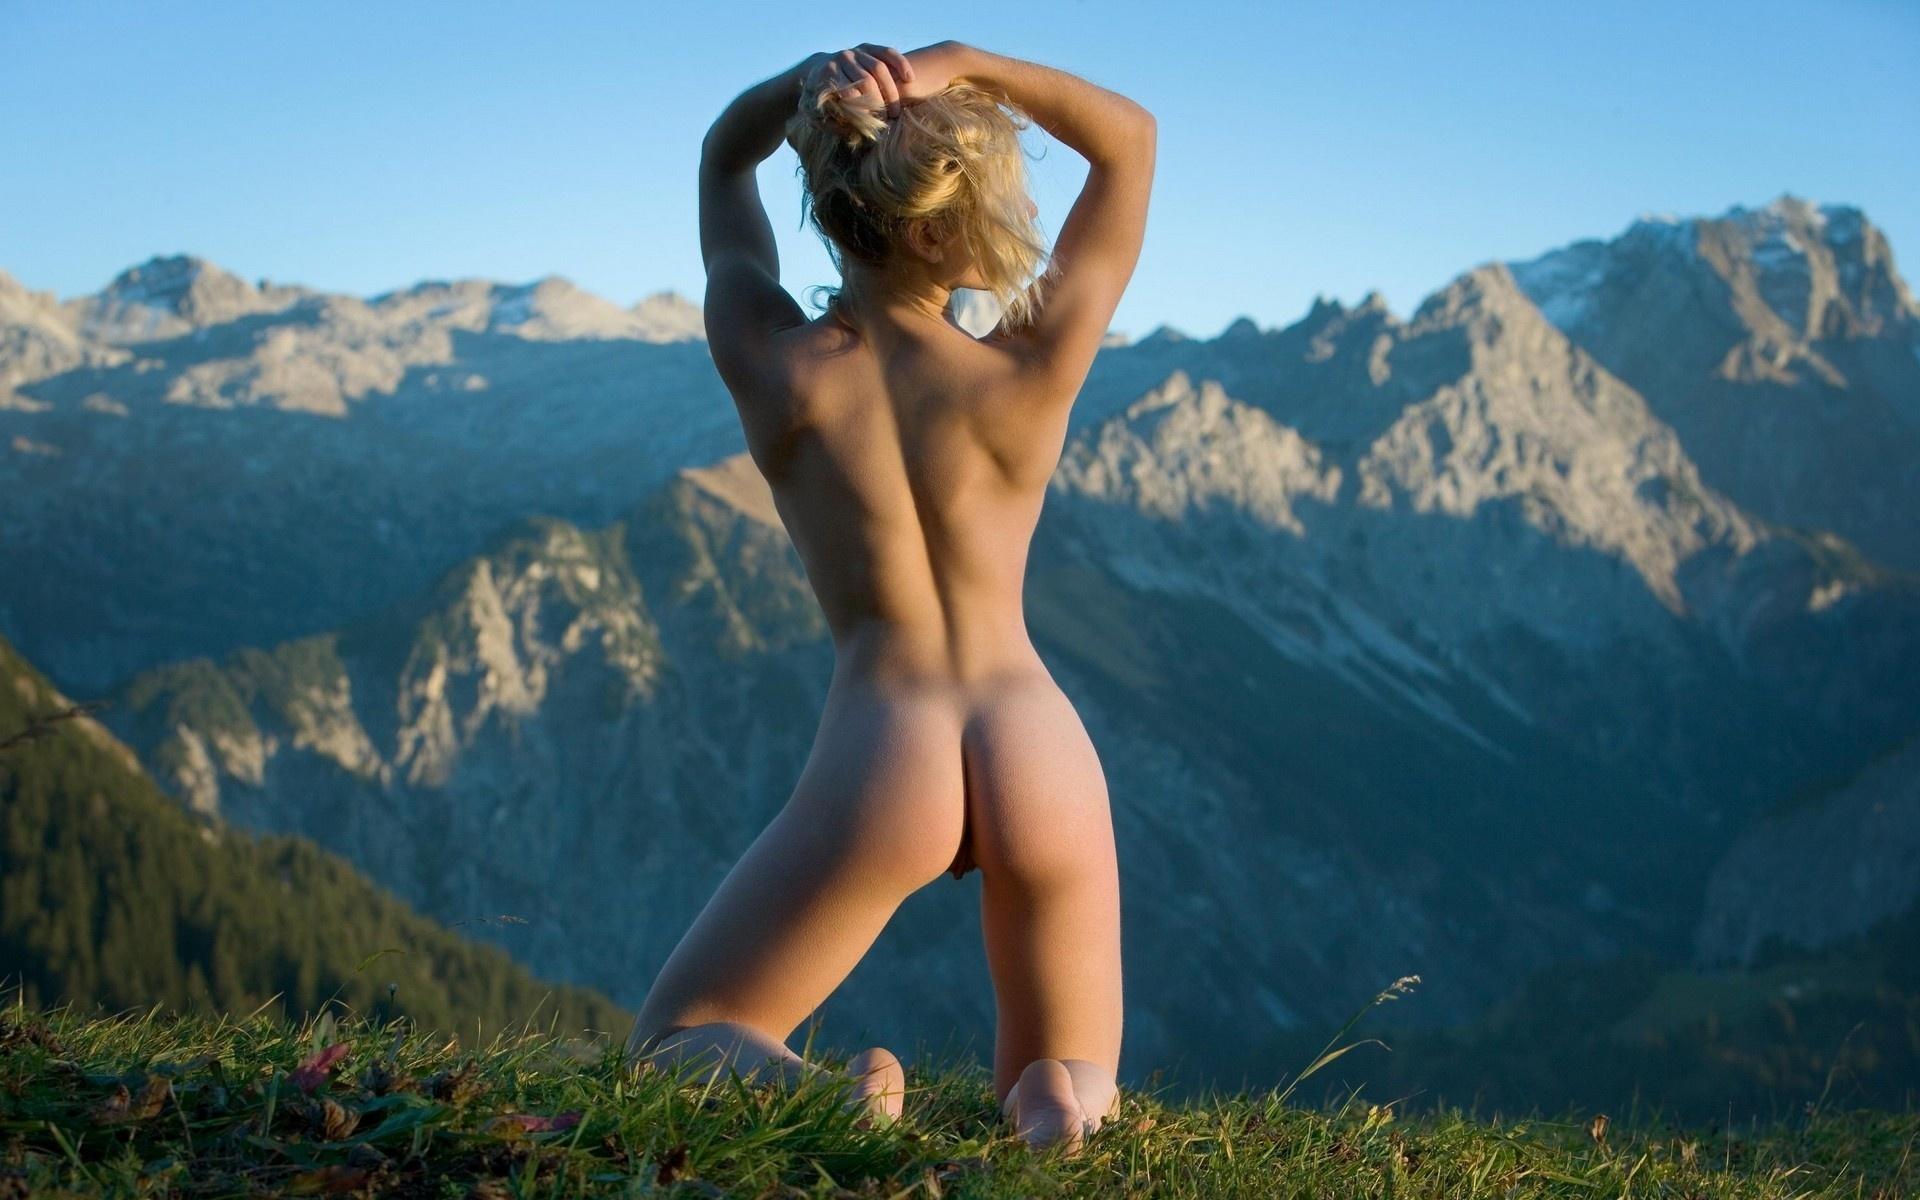 голые попы на фоне пейзажа